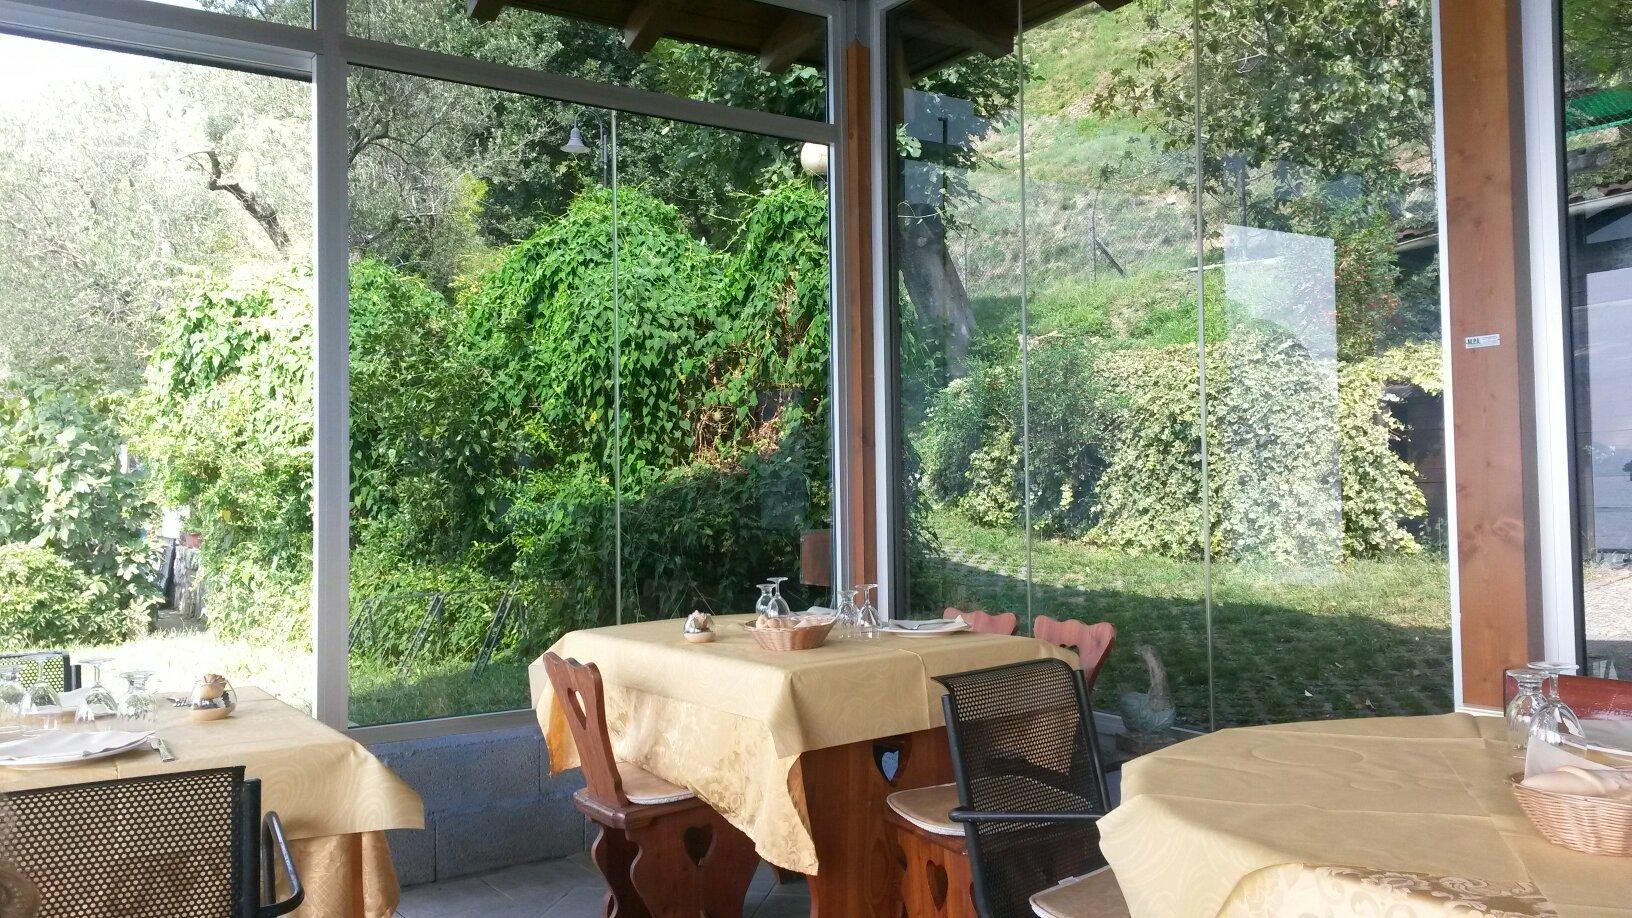 Trattoria ristorante La Spiaggetta - Sensole - Monteisola